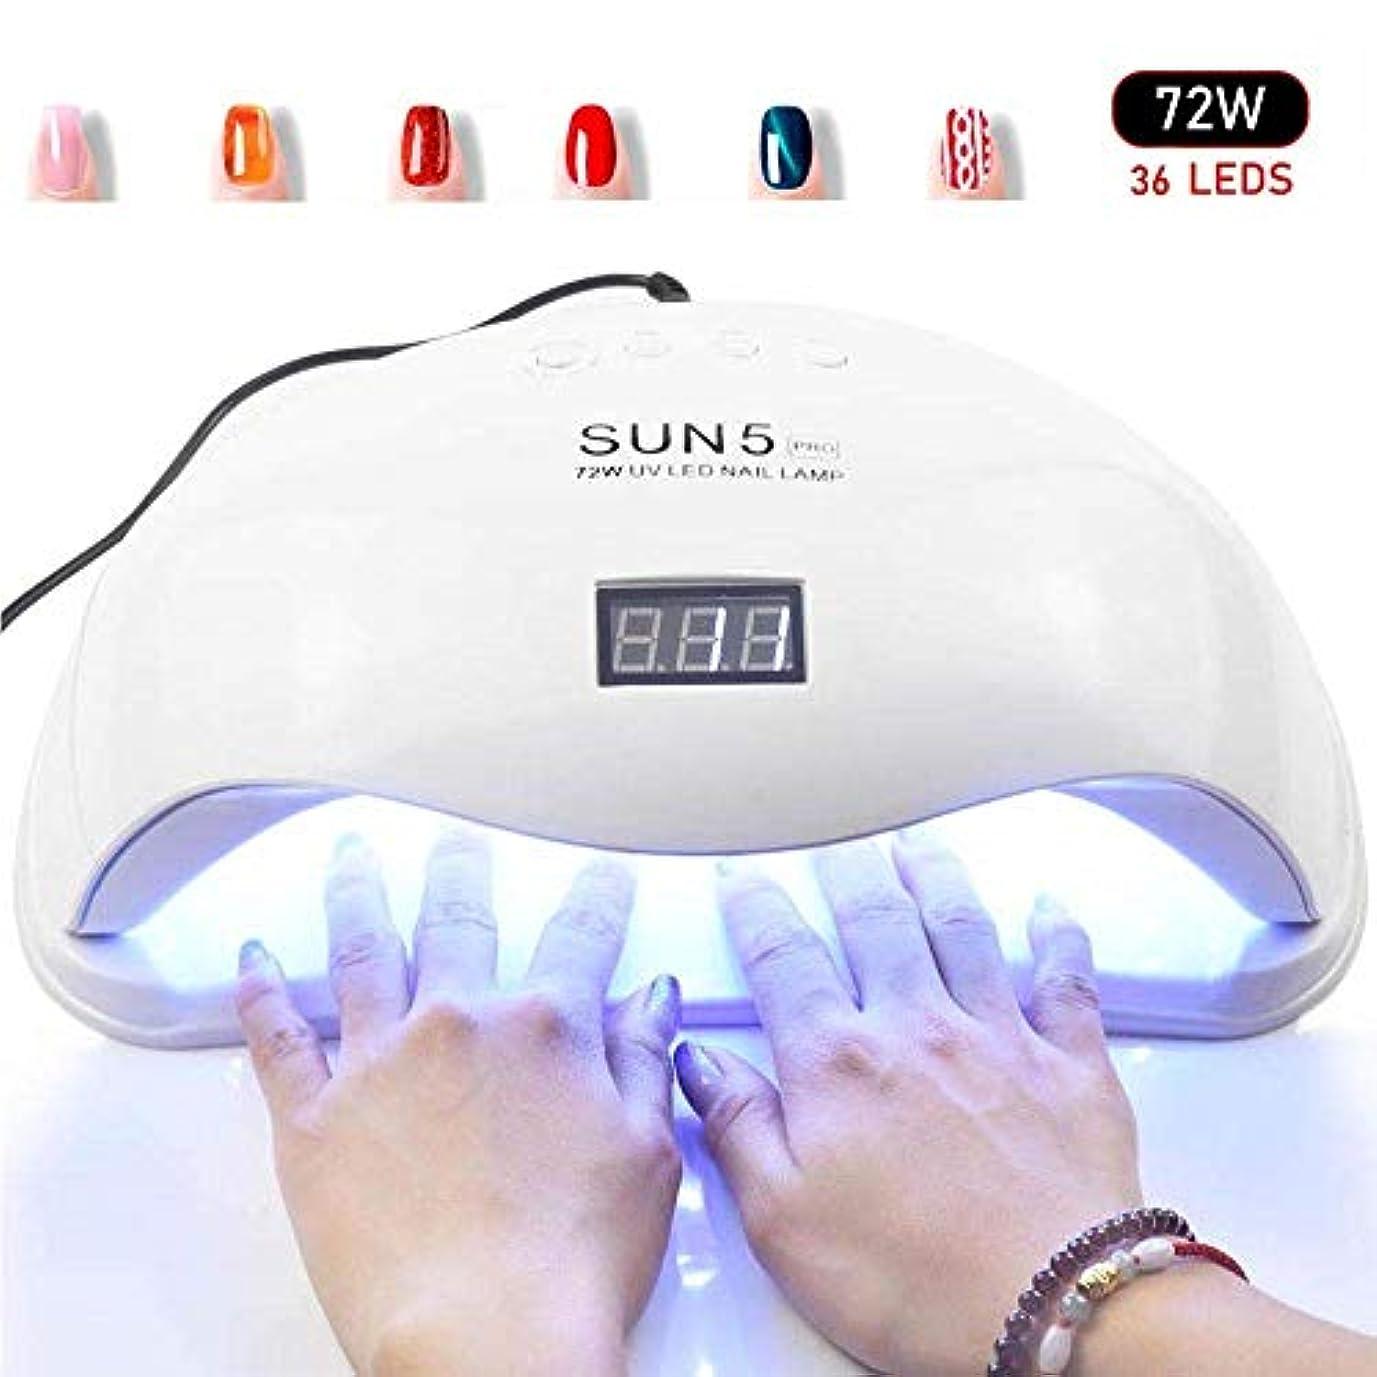 性交セメントスノーケル72W UVライト LEDネイルランプ LED ネイルドライヤー 赤外線センシング 10/30 / 60s/99sタイマー設定 速乾 UVライトネイルポリッシュ用 (72W)